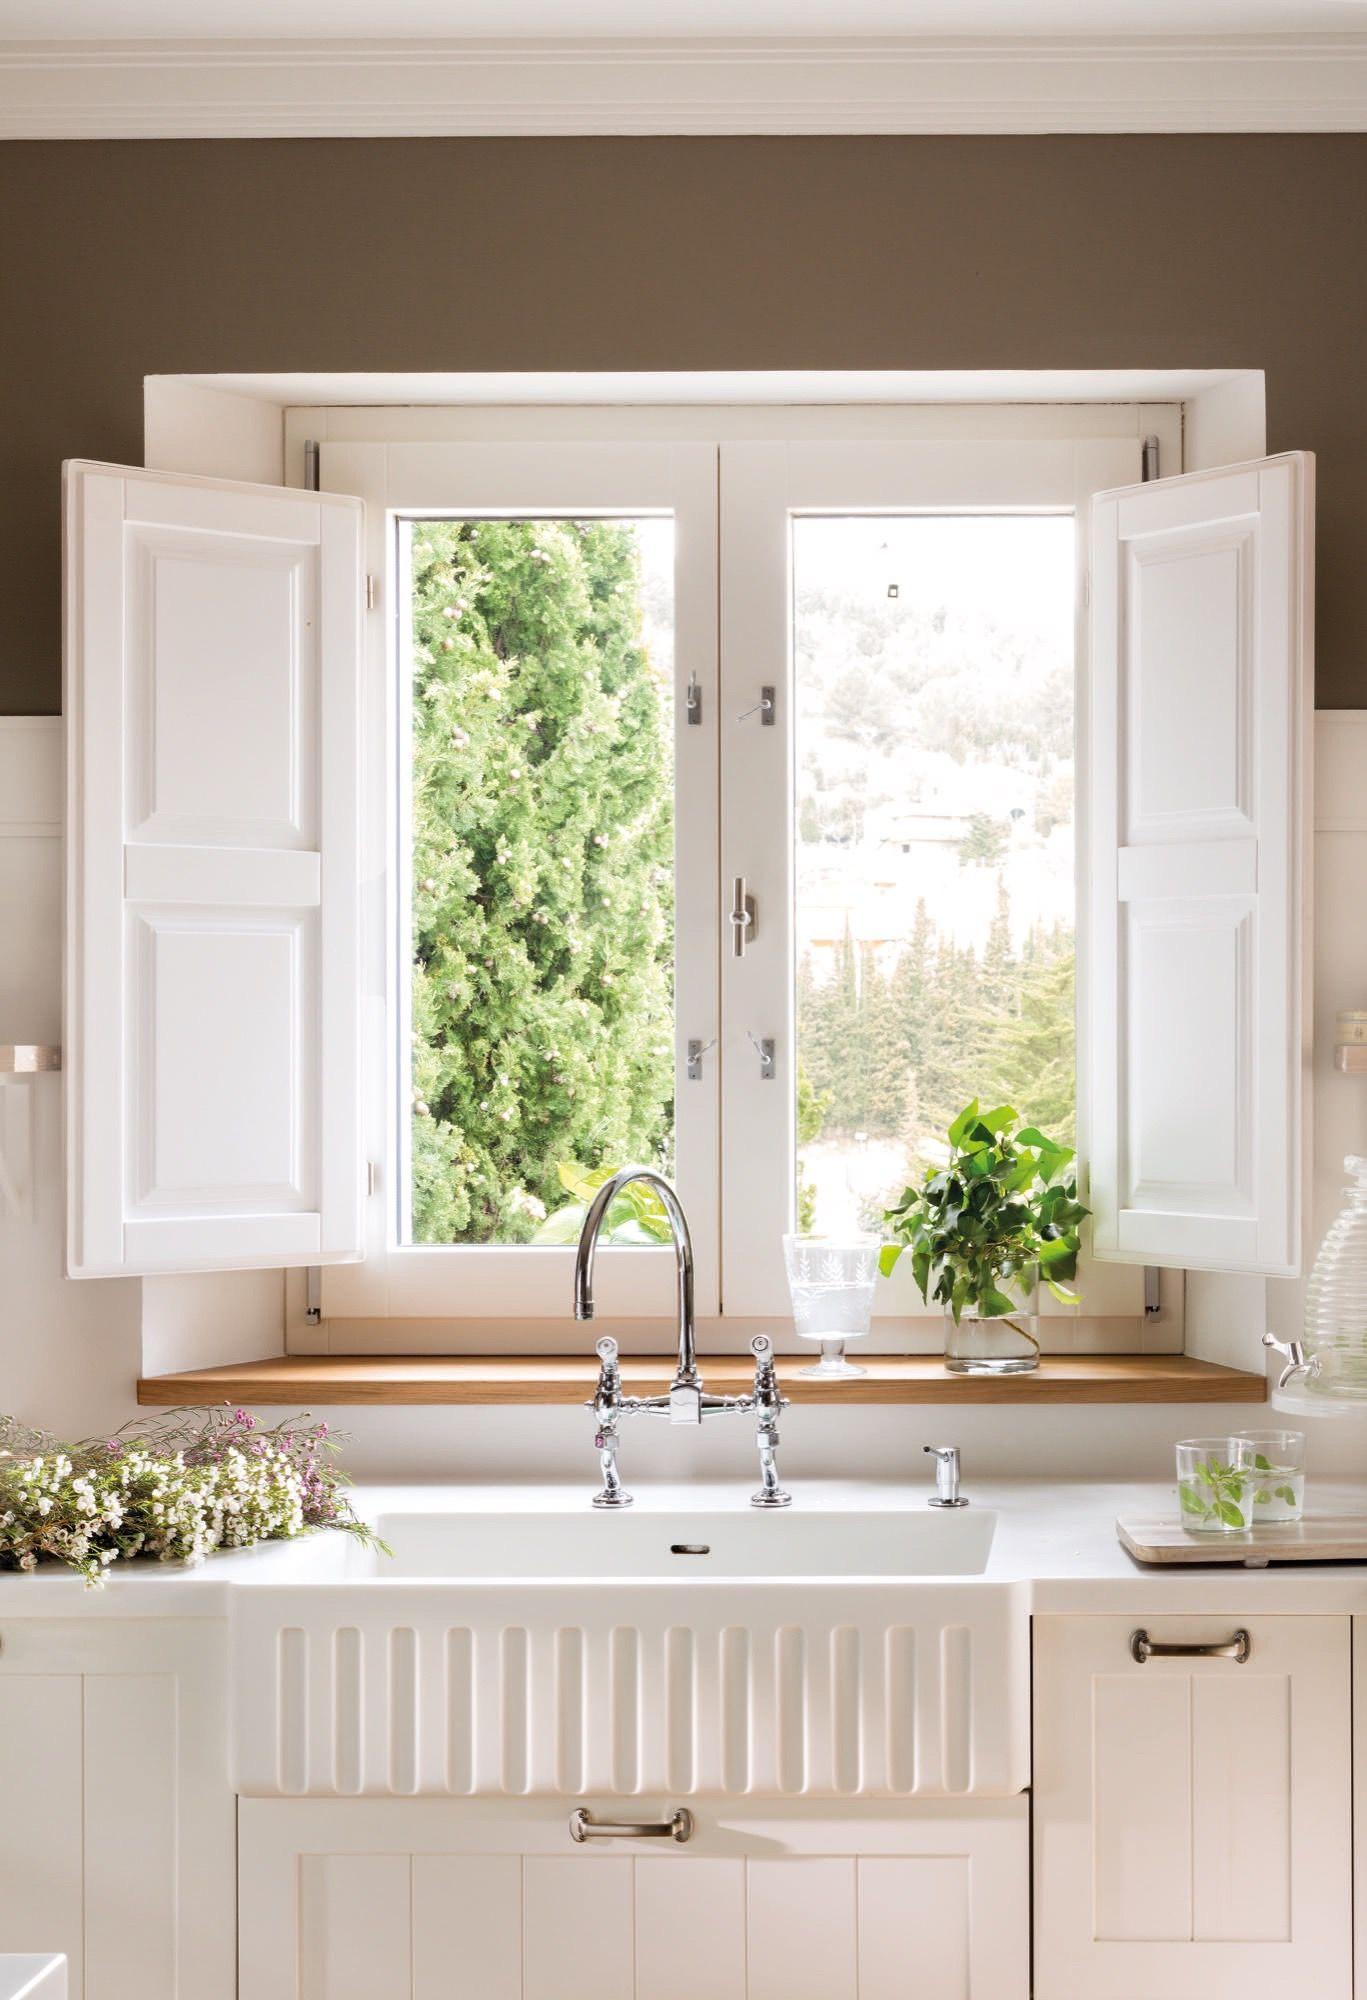 Fregadero y encimera en una cocina junto a la ventana - Fregadero cocina ...